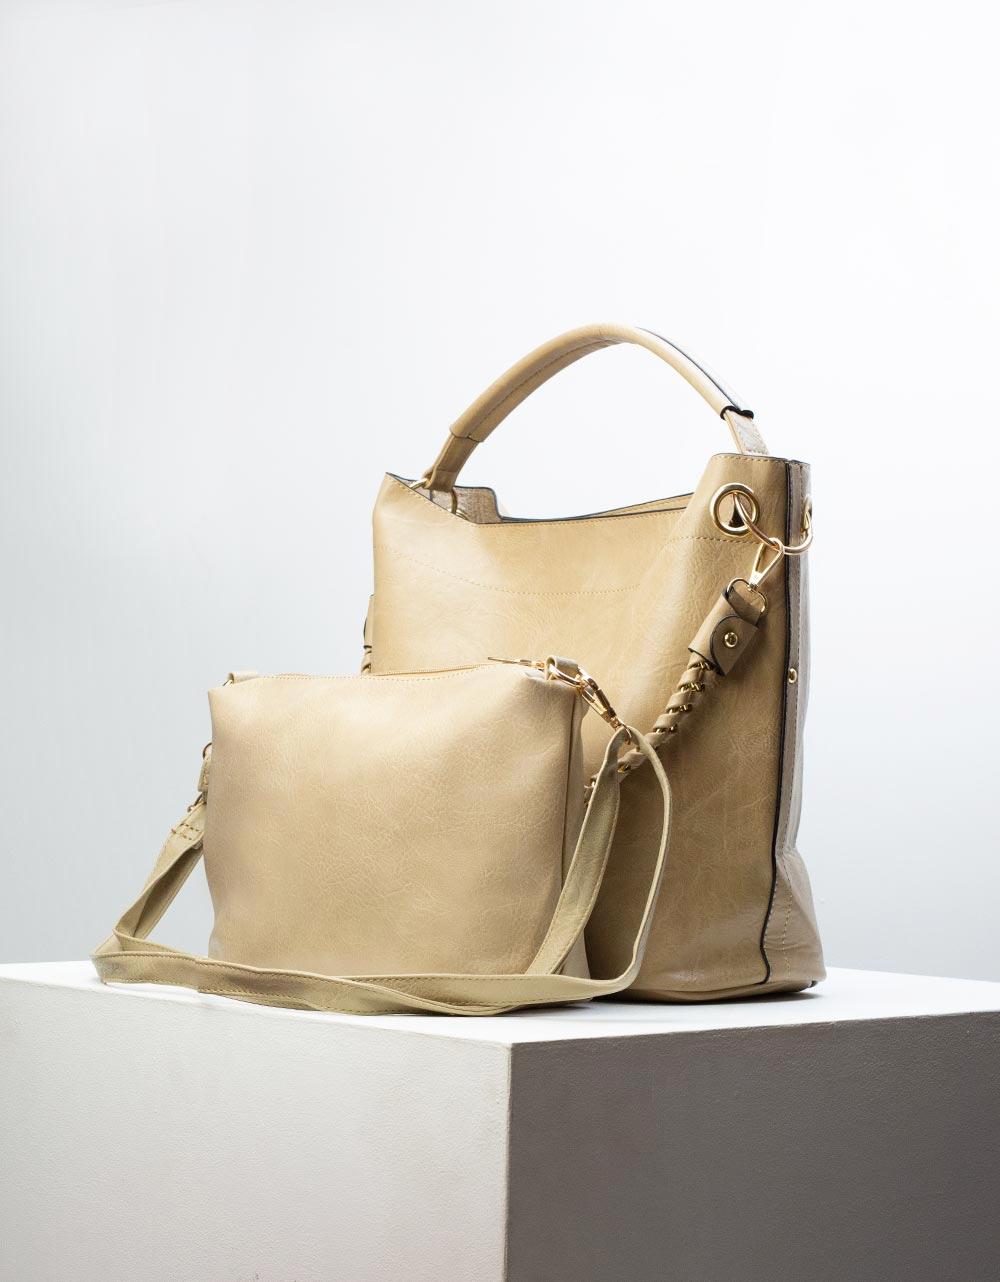 Εικόνα από Γυναικεία τσάντα ώμου με εσωτερικό τσαντάκι Μπεζ